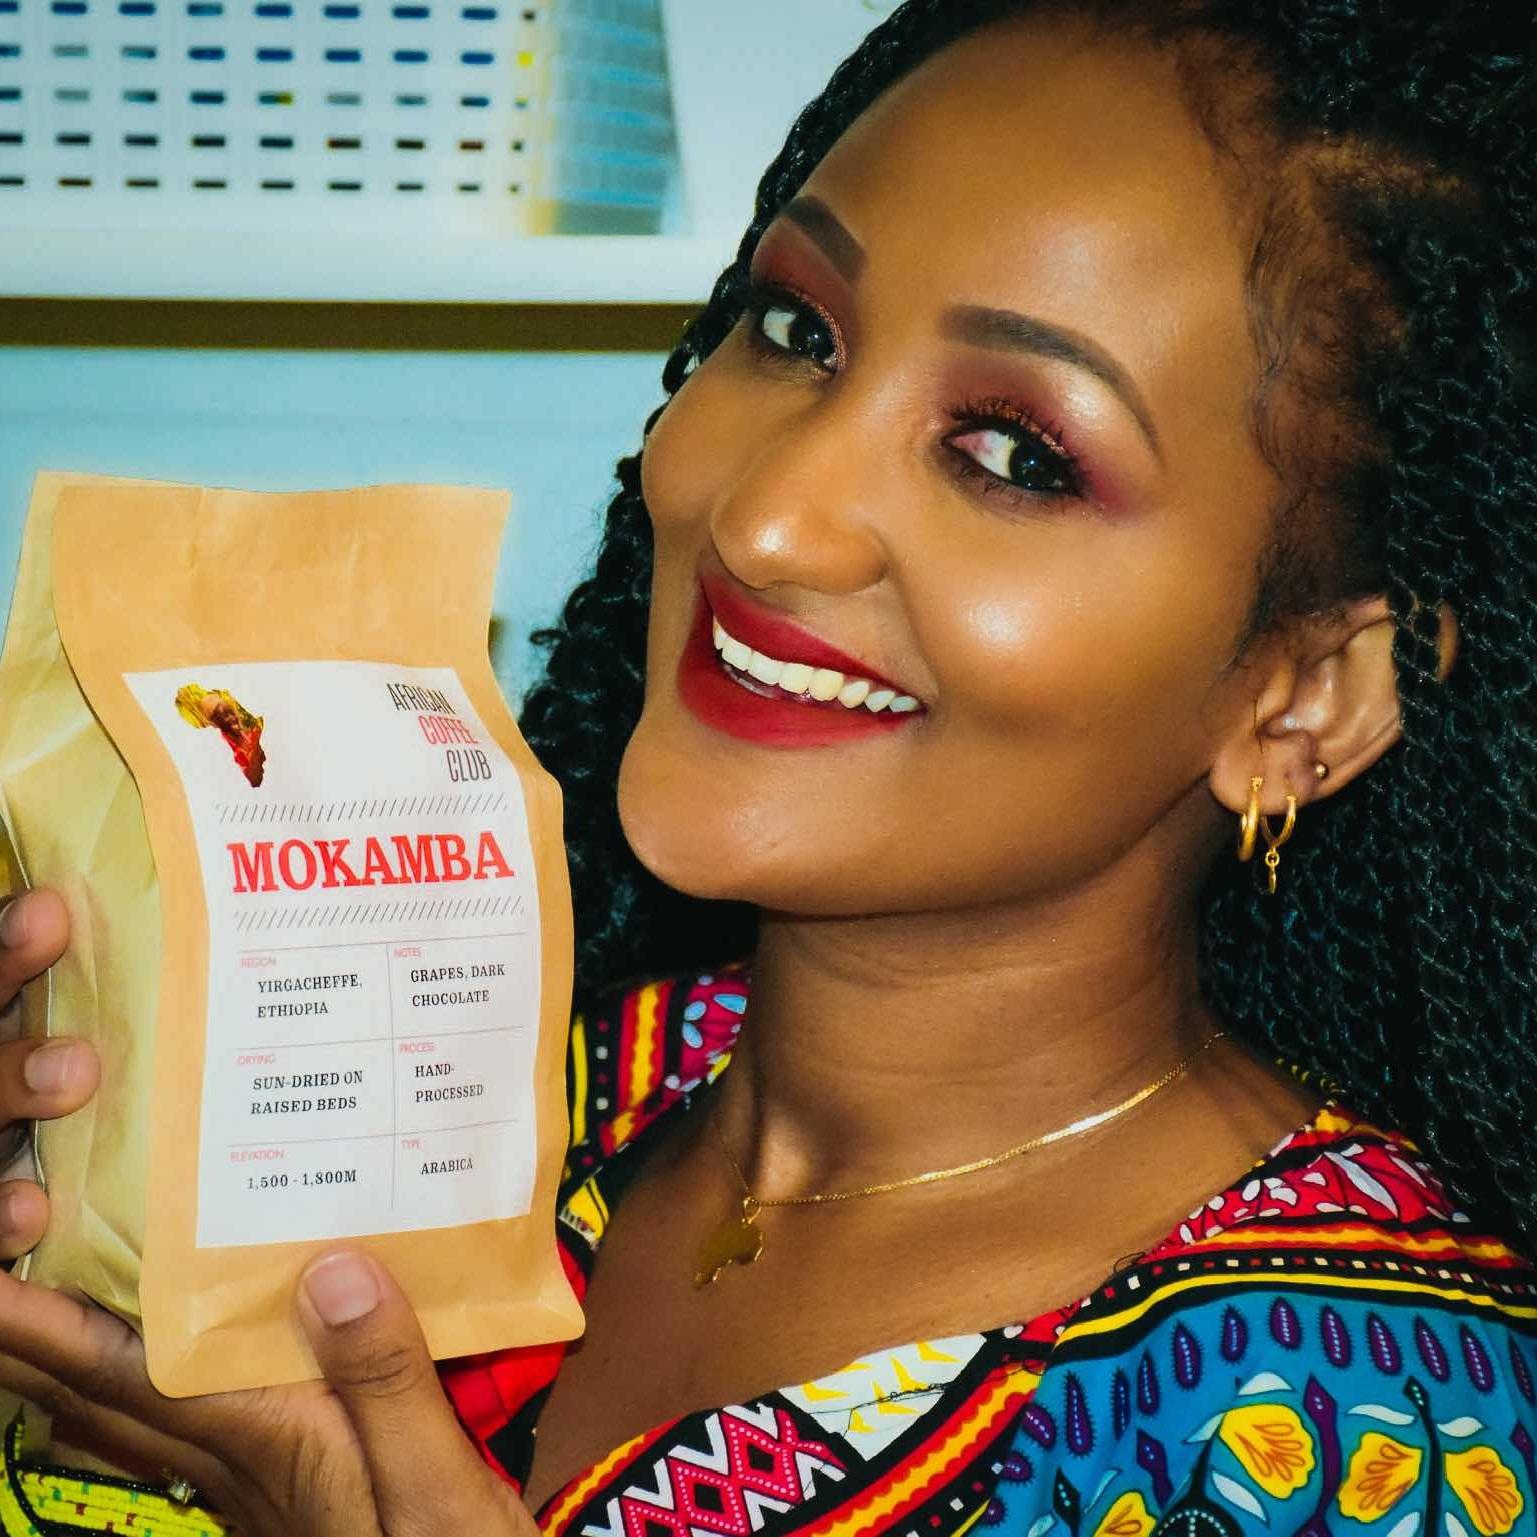 Momkamba_model_holding_bag.jpg